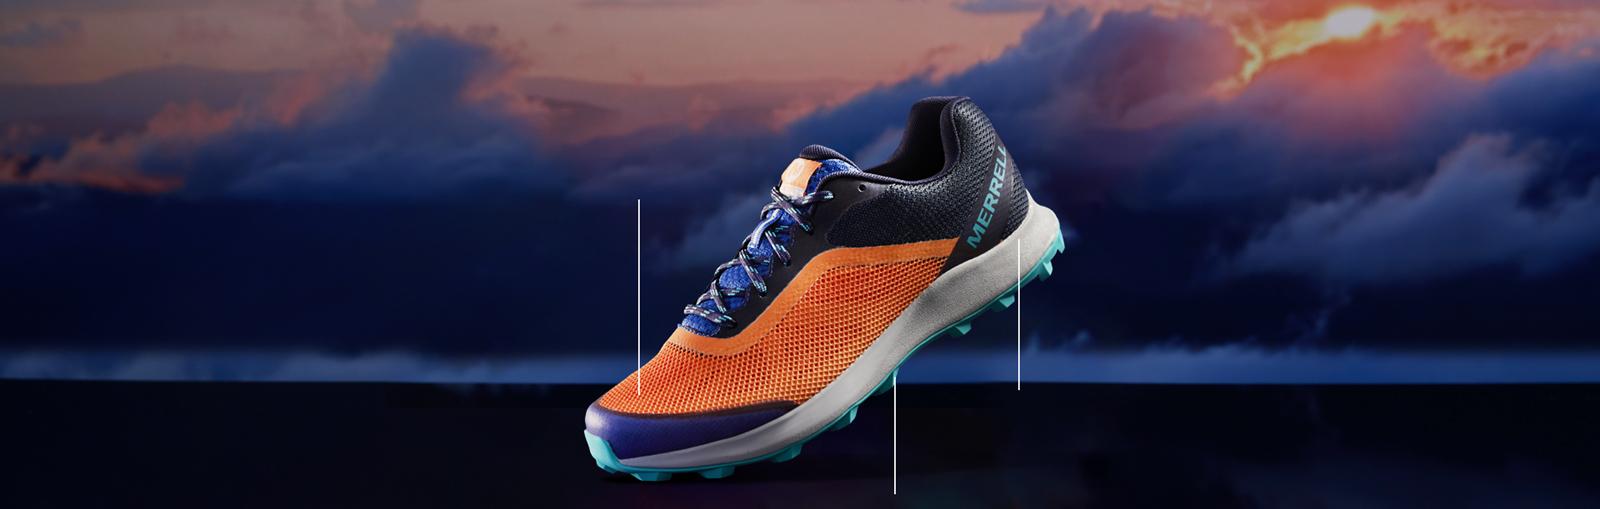 Merrell Skyfire Shoe